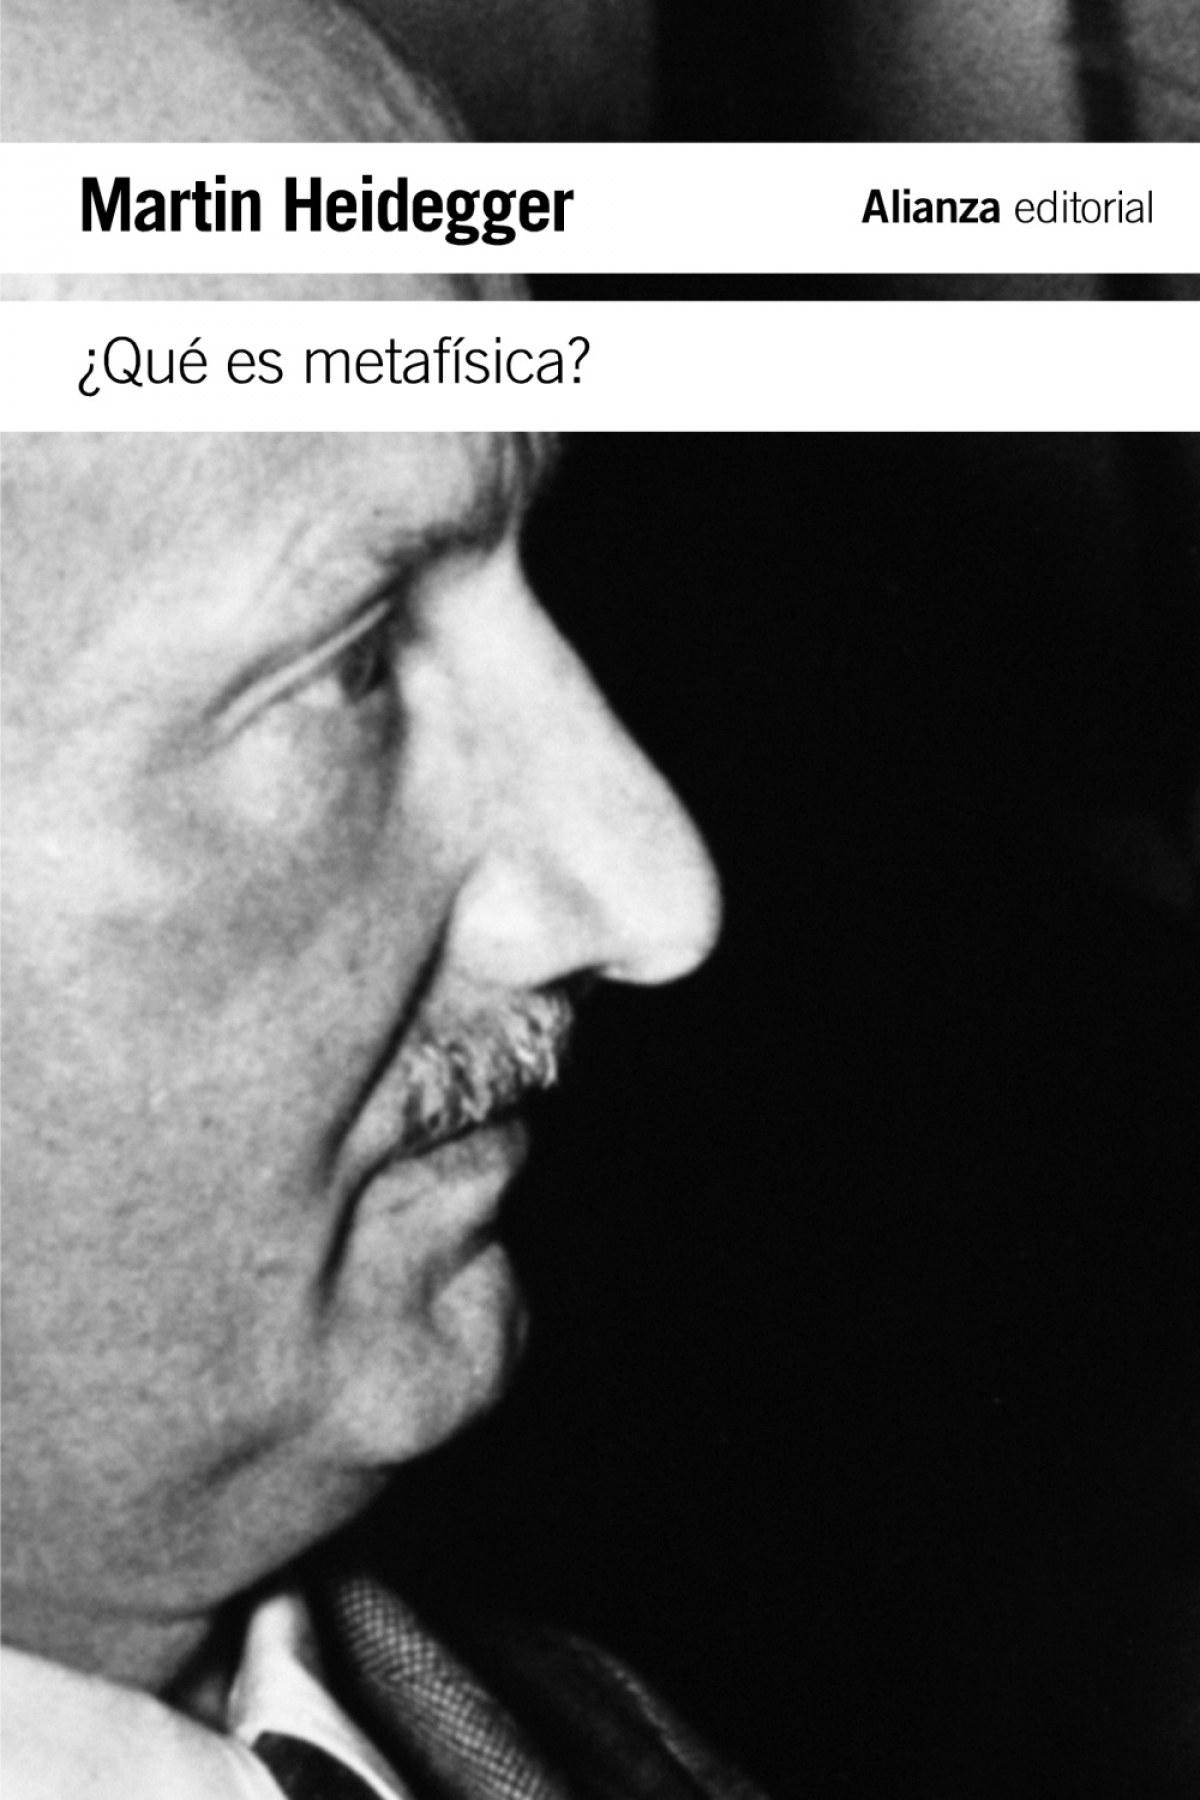 ¿Que es metafísica?